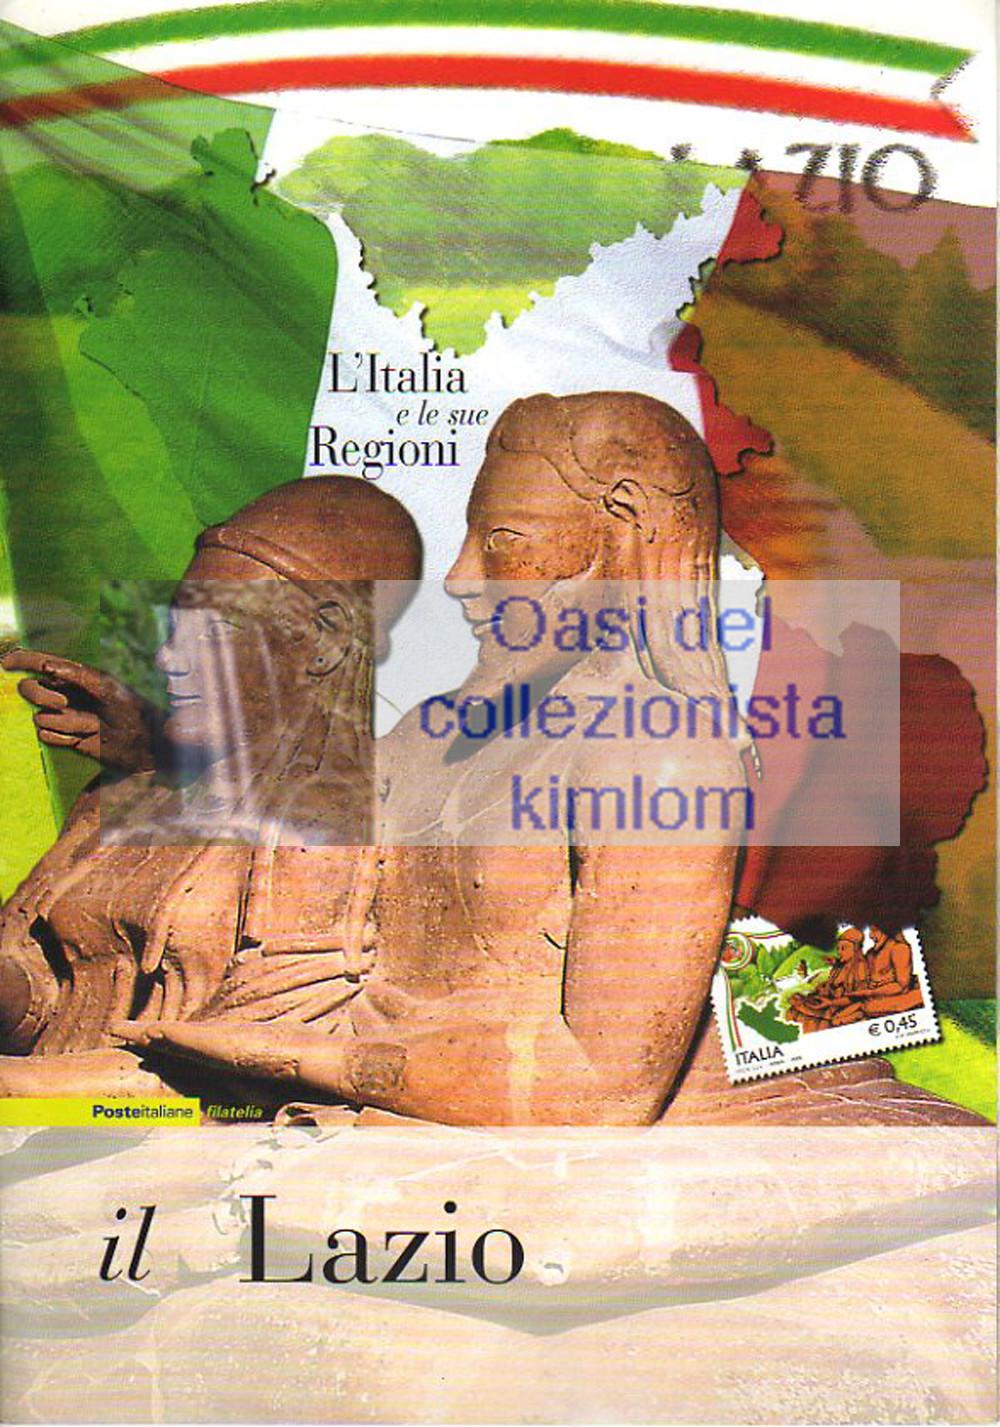 folder - L'Italia e le sue regioni - Il Lazio